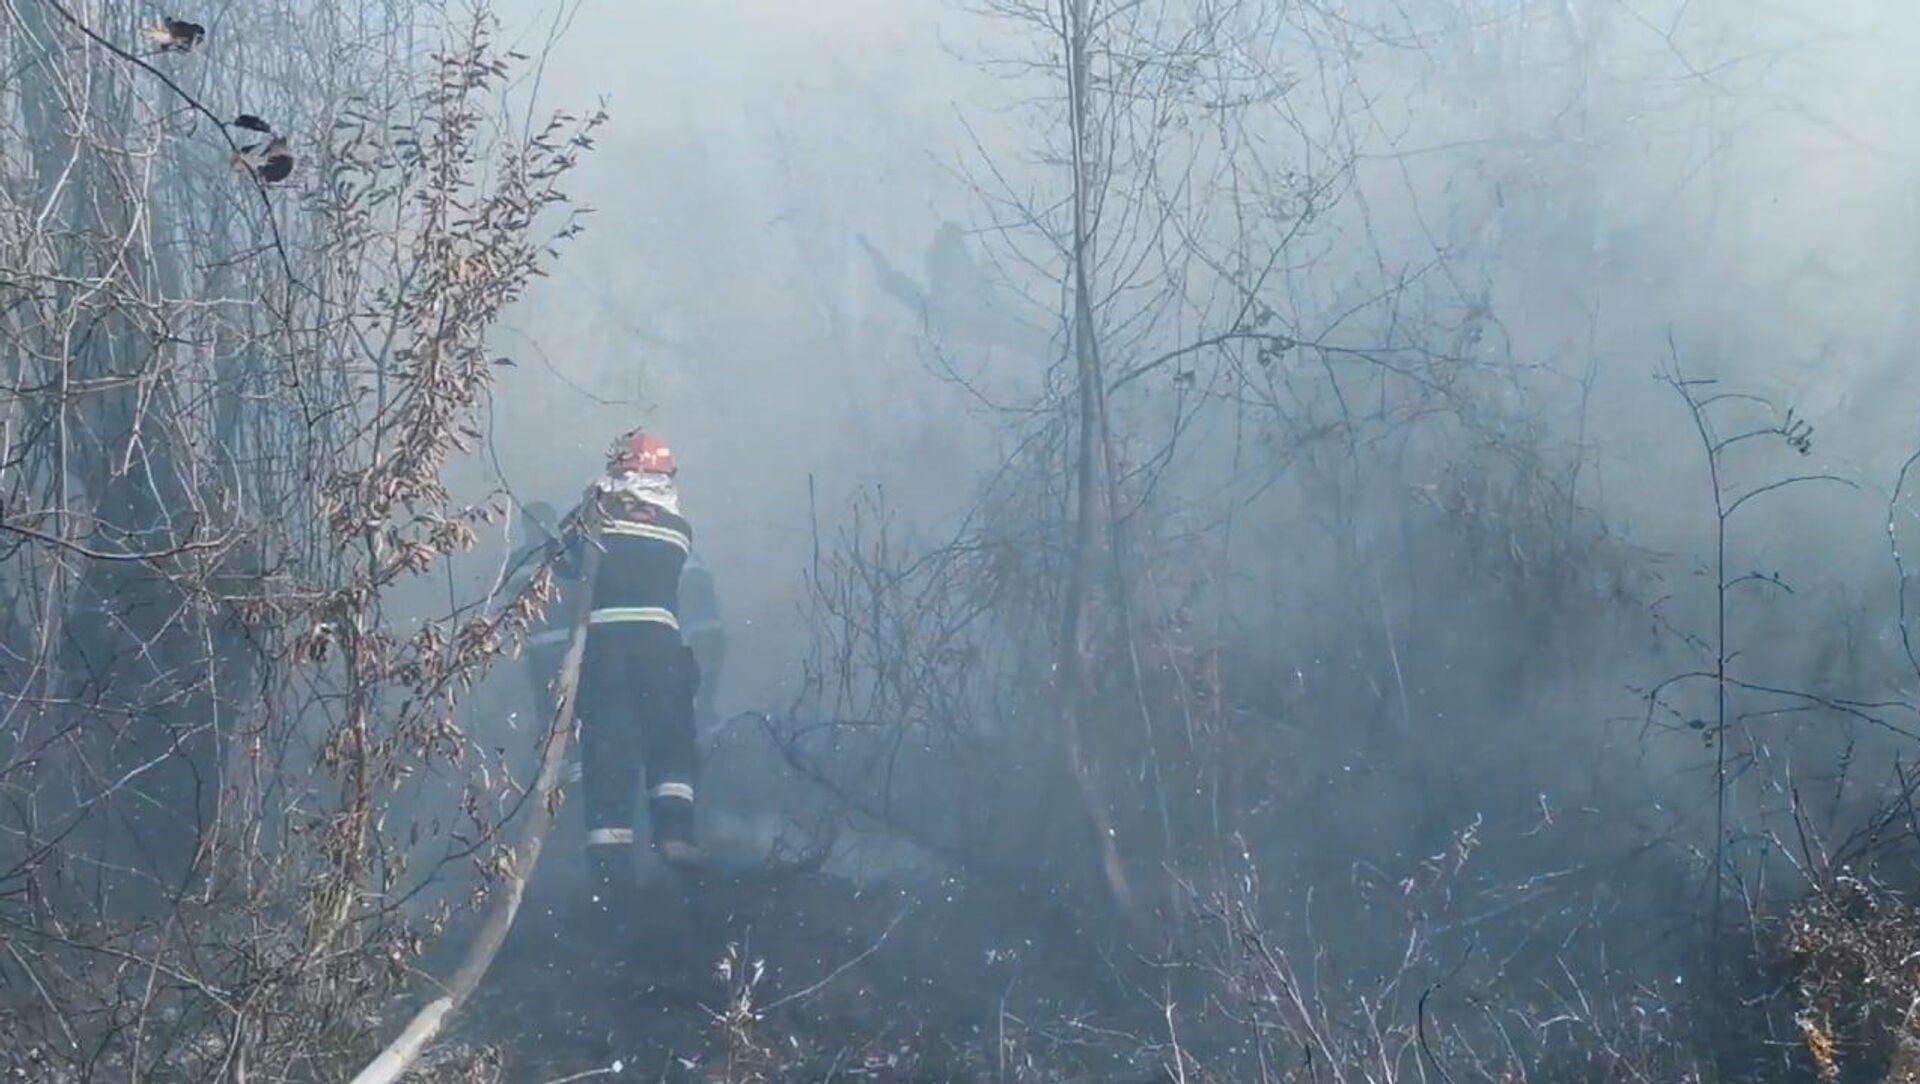 Лесные пожары в Западной Грузии в Самегрело - Sputnik Грузия, 1920, 16.05.2021